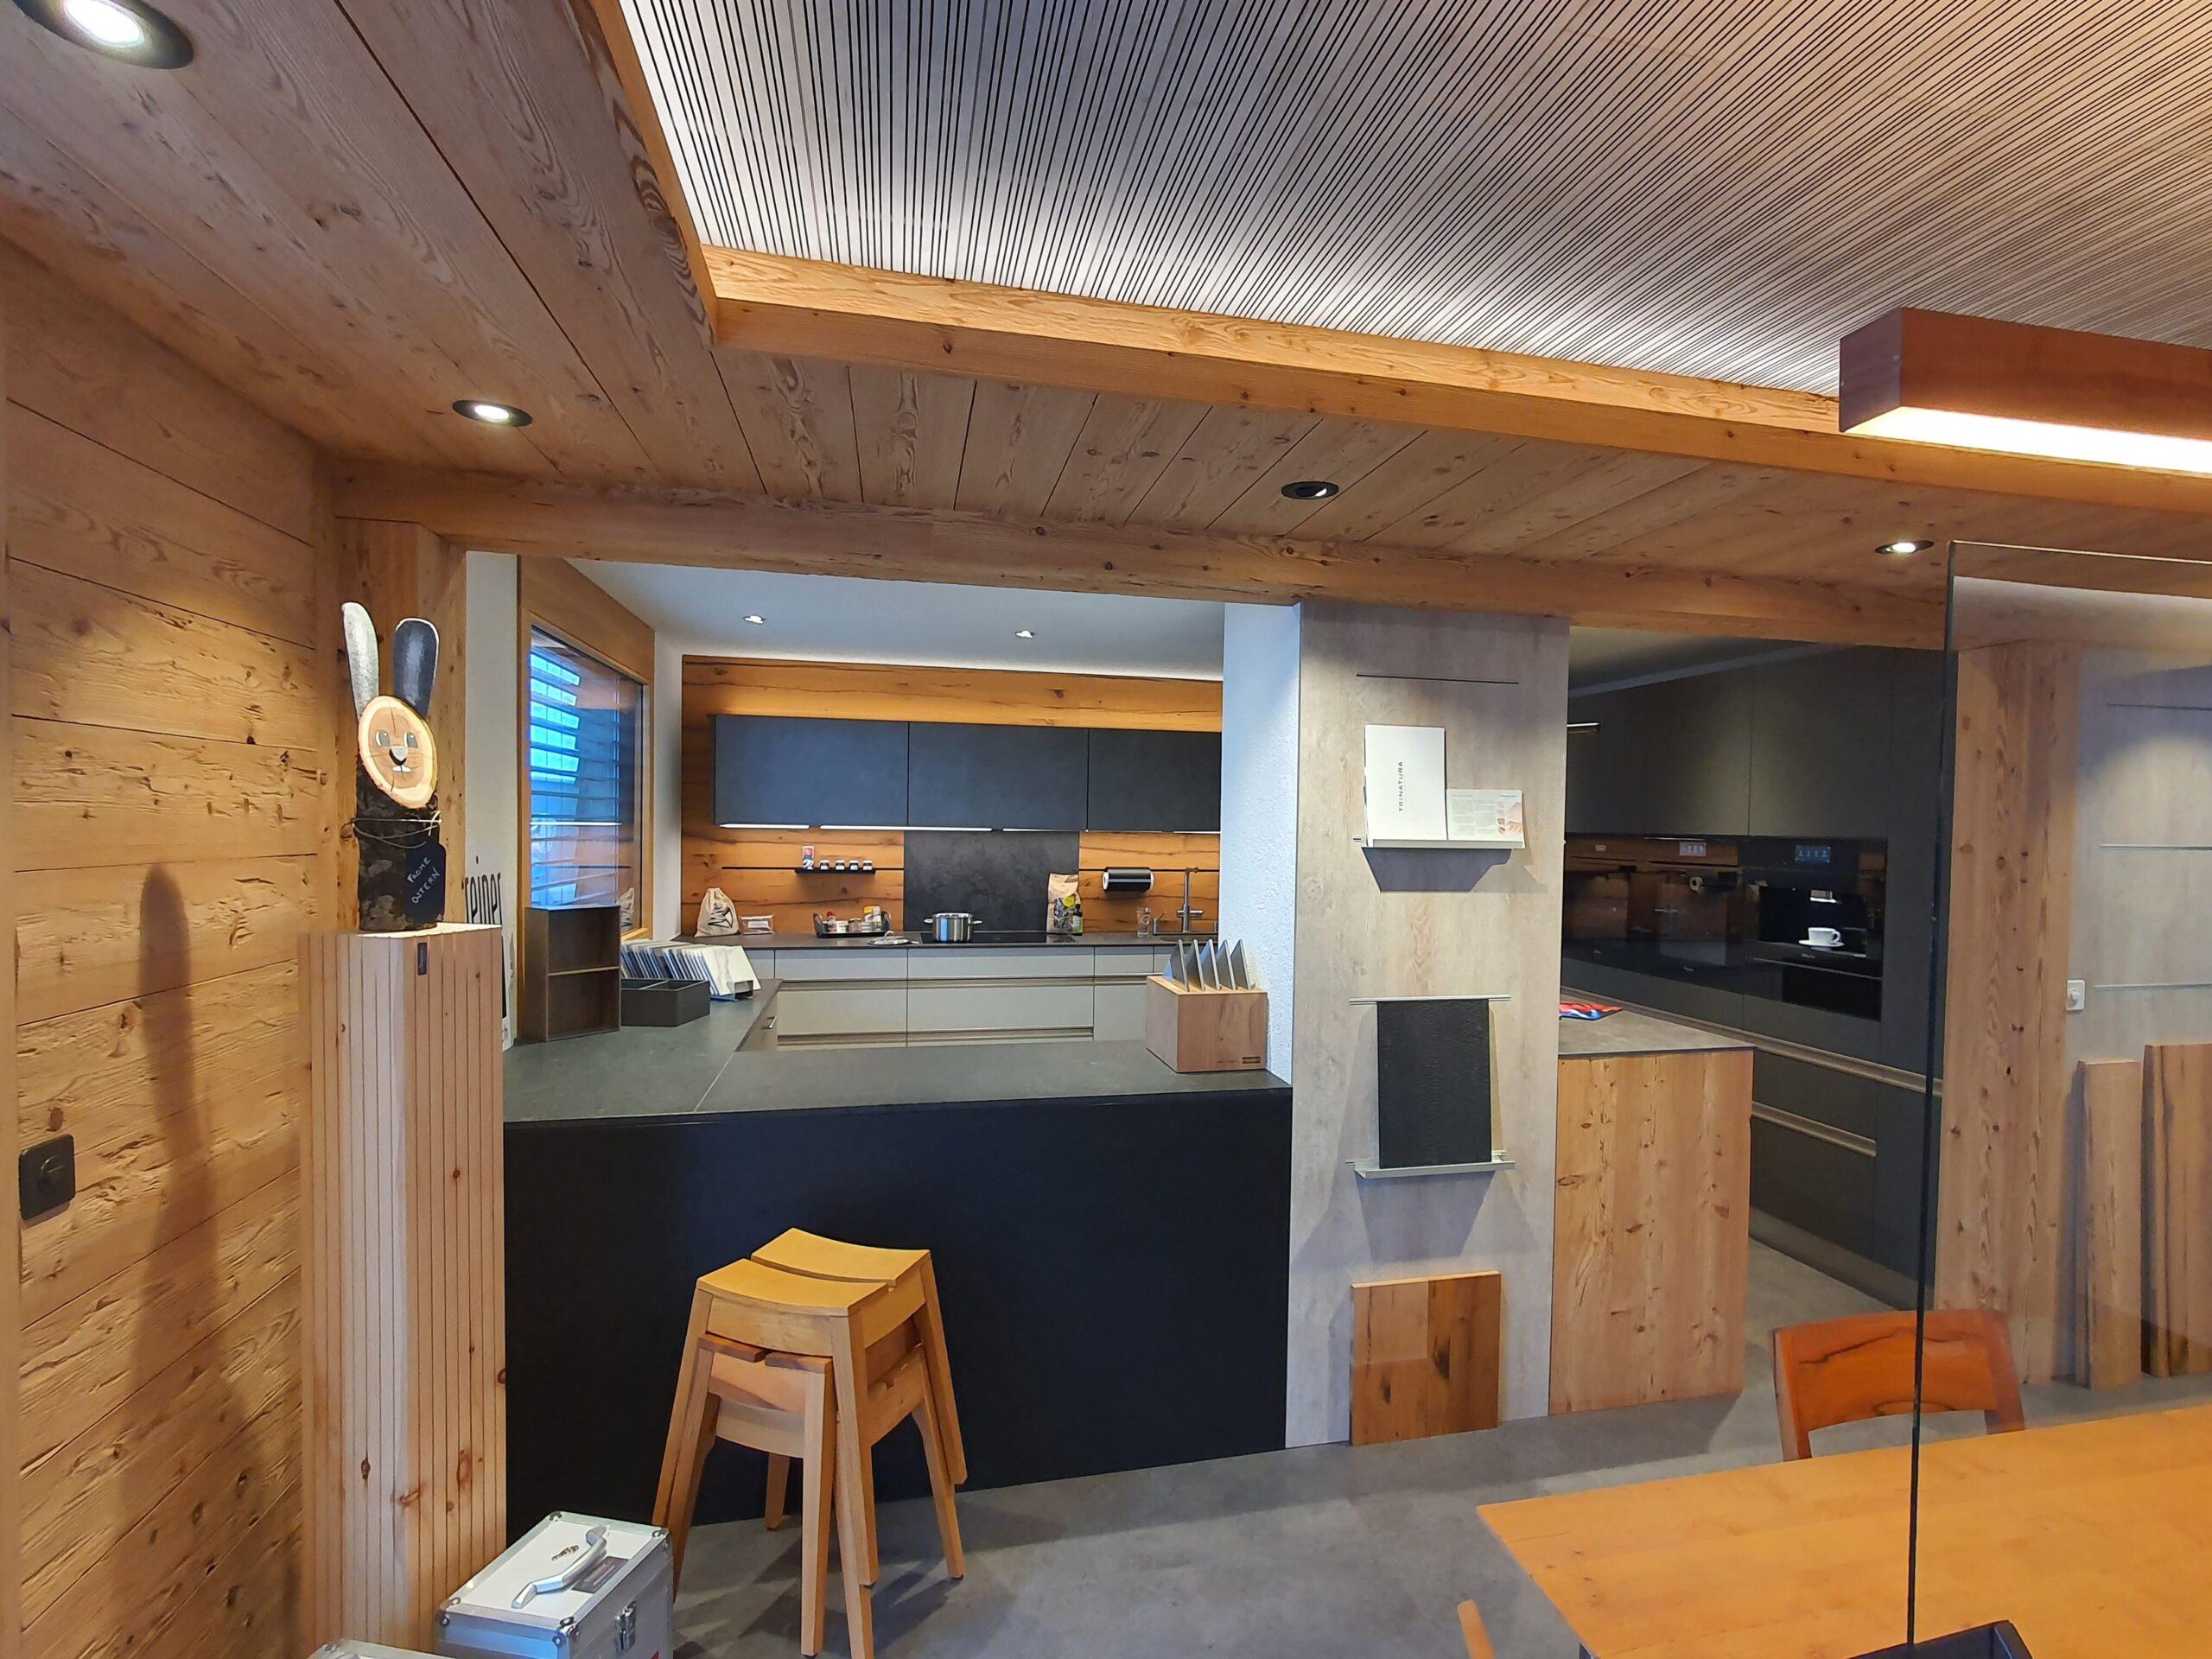 Wooddesign_Holzleuchten_LED-Beleuchtung_Licht_Indirekte Beleuchtung_Direkte Beleuchtung_Holzdesign (36)-min